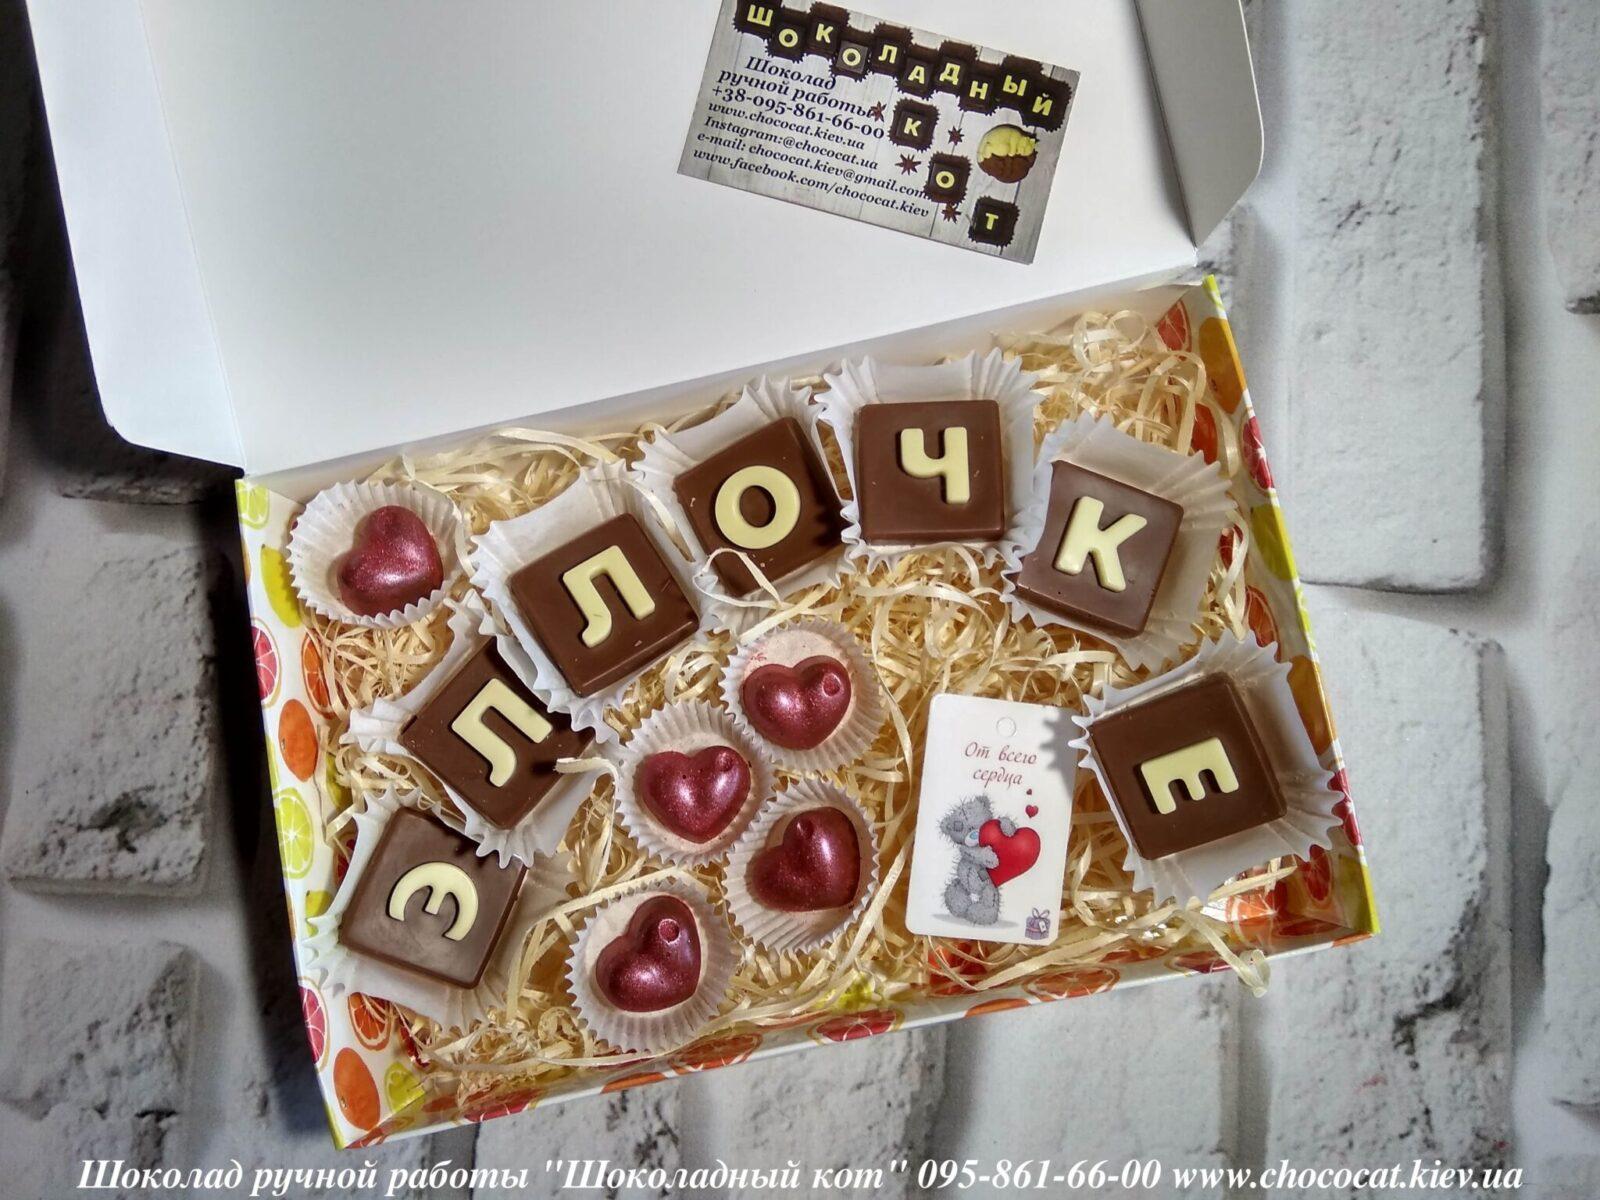 Шоколад ручной работы фото с девушкой burberry тренч с принтом